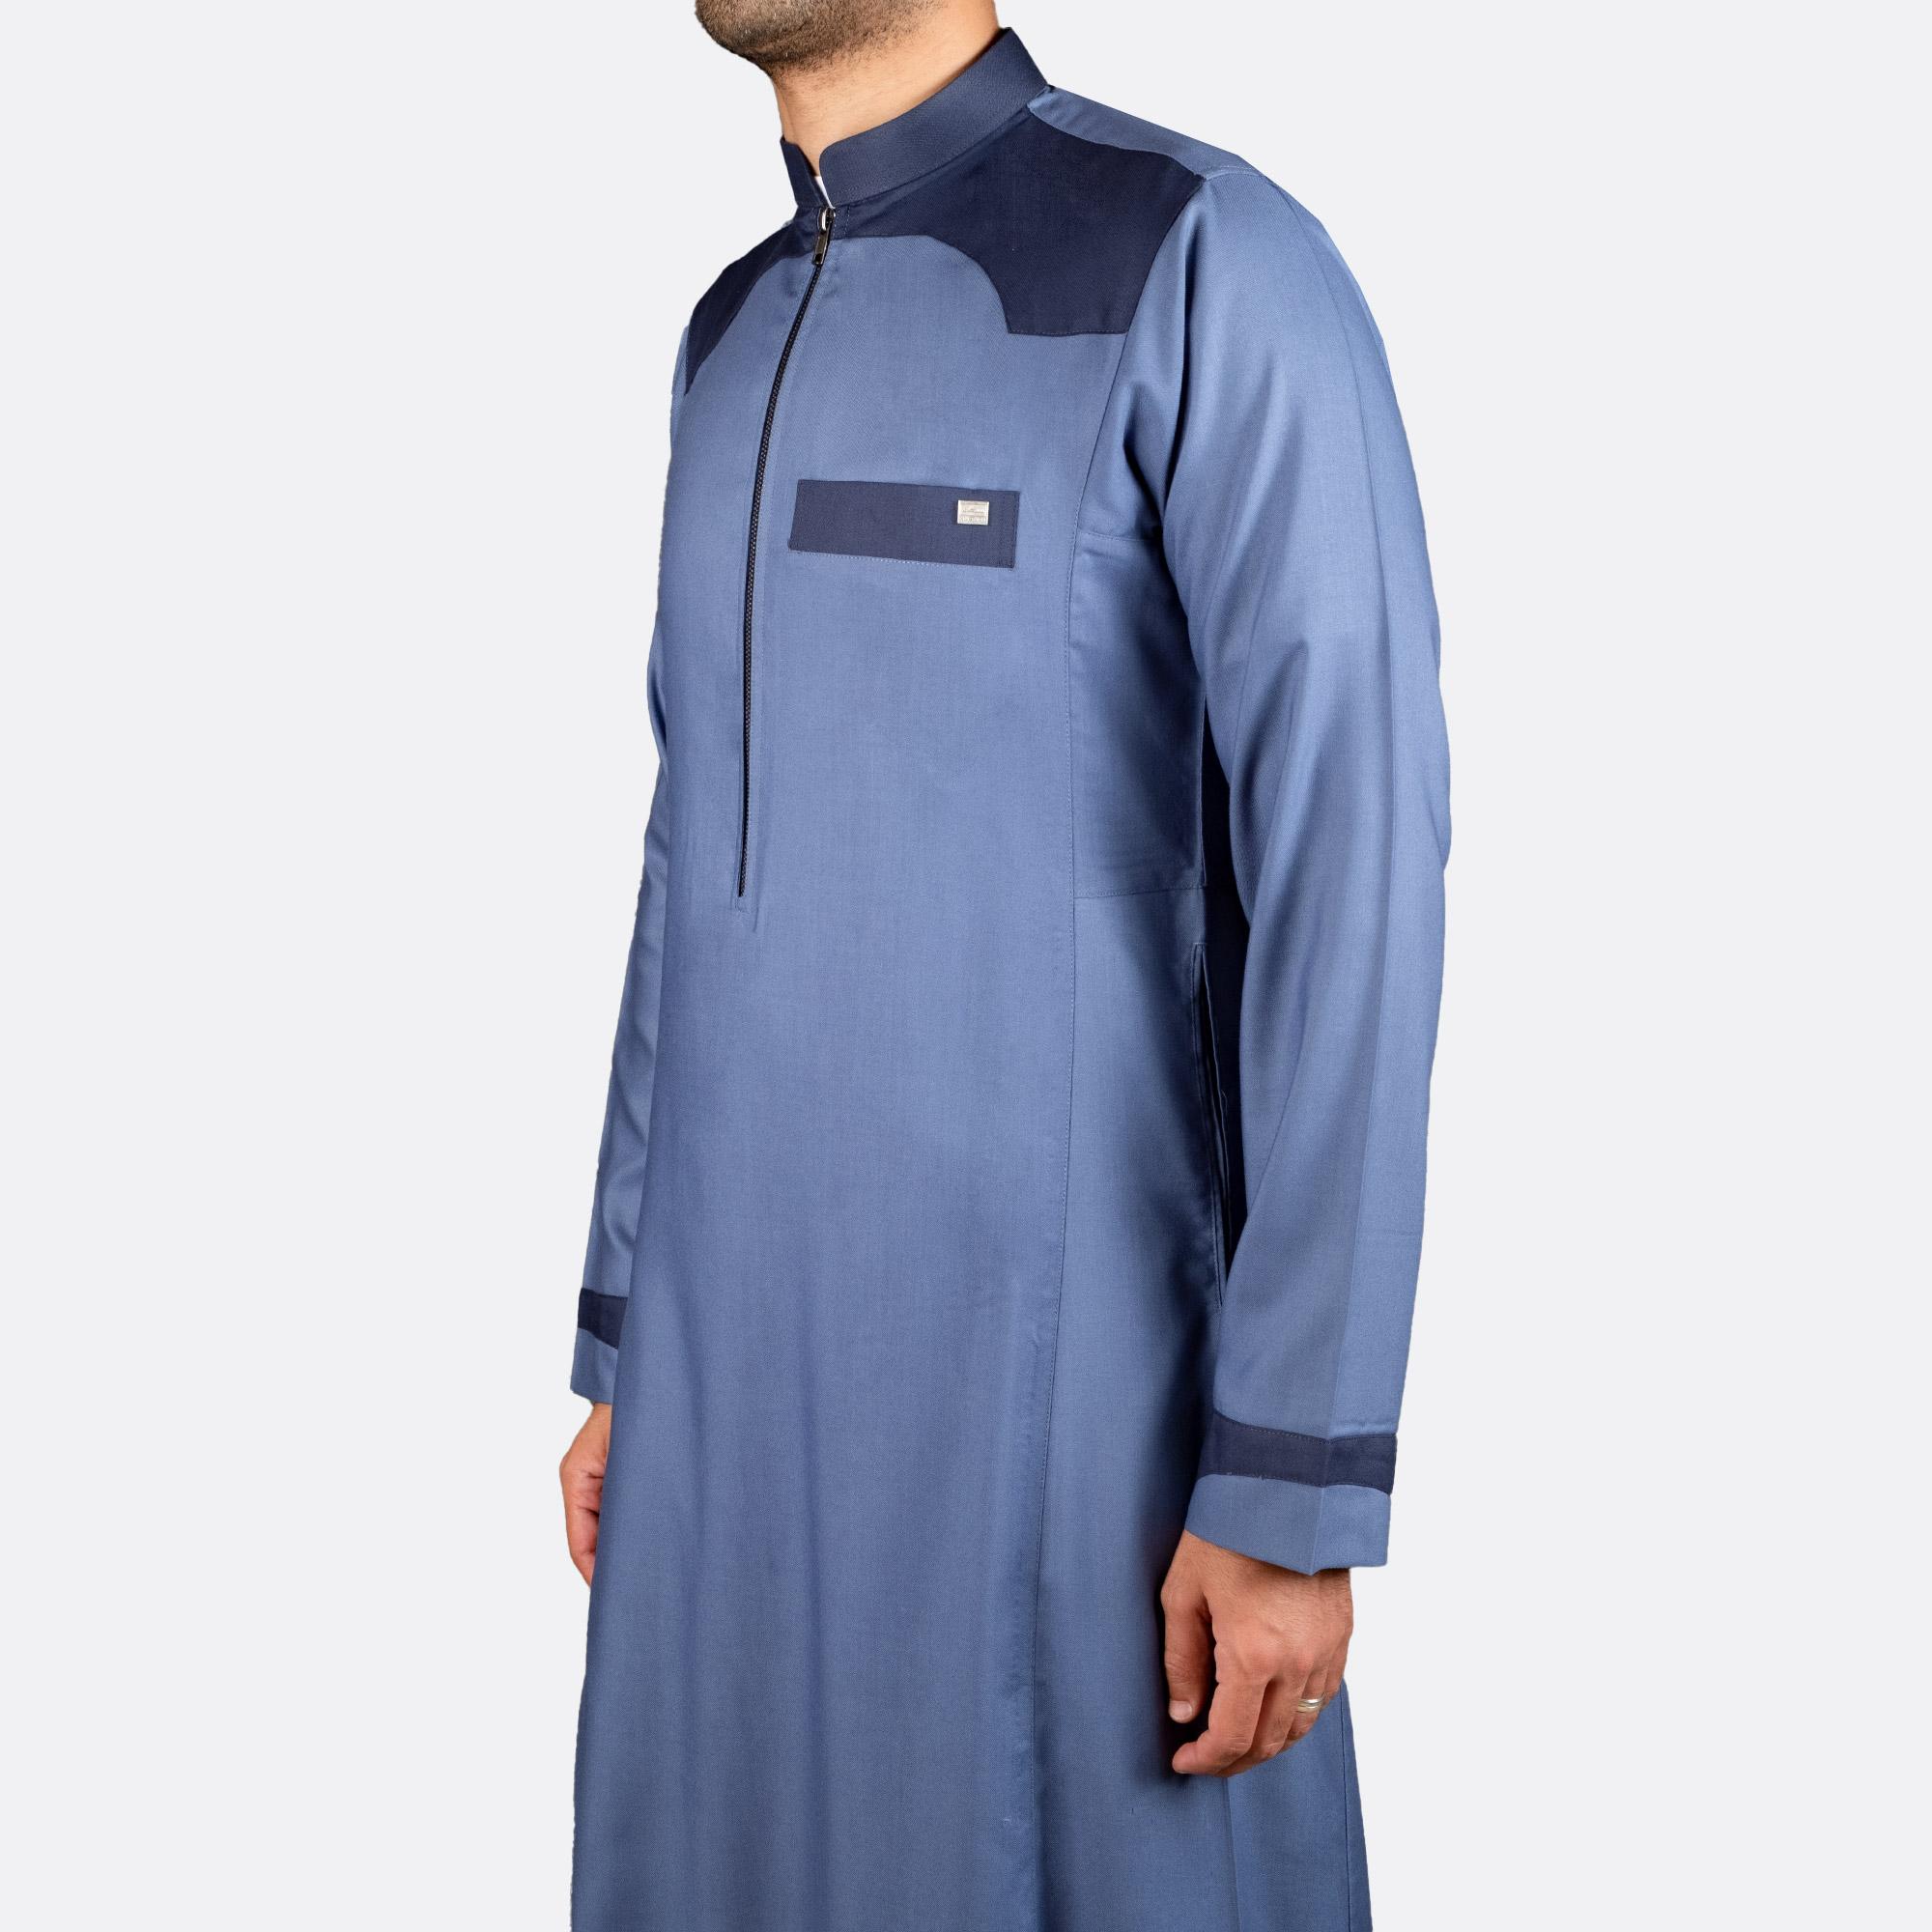 ثوب عصري غير رسمي